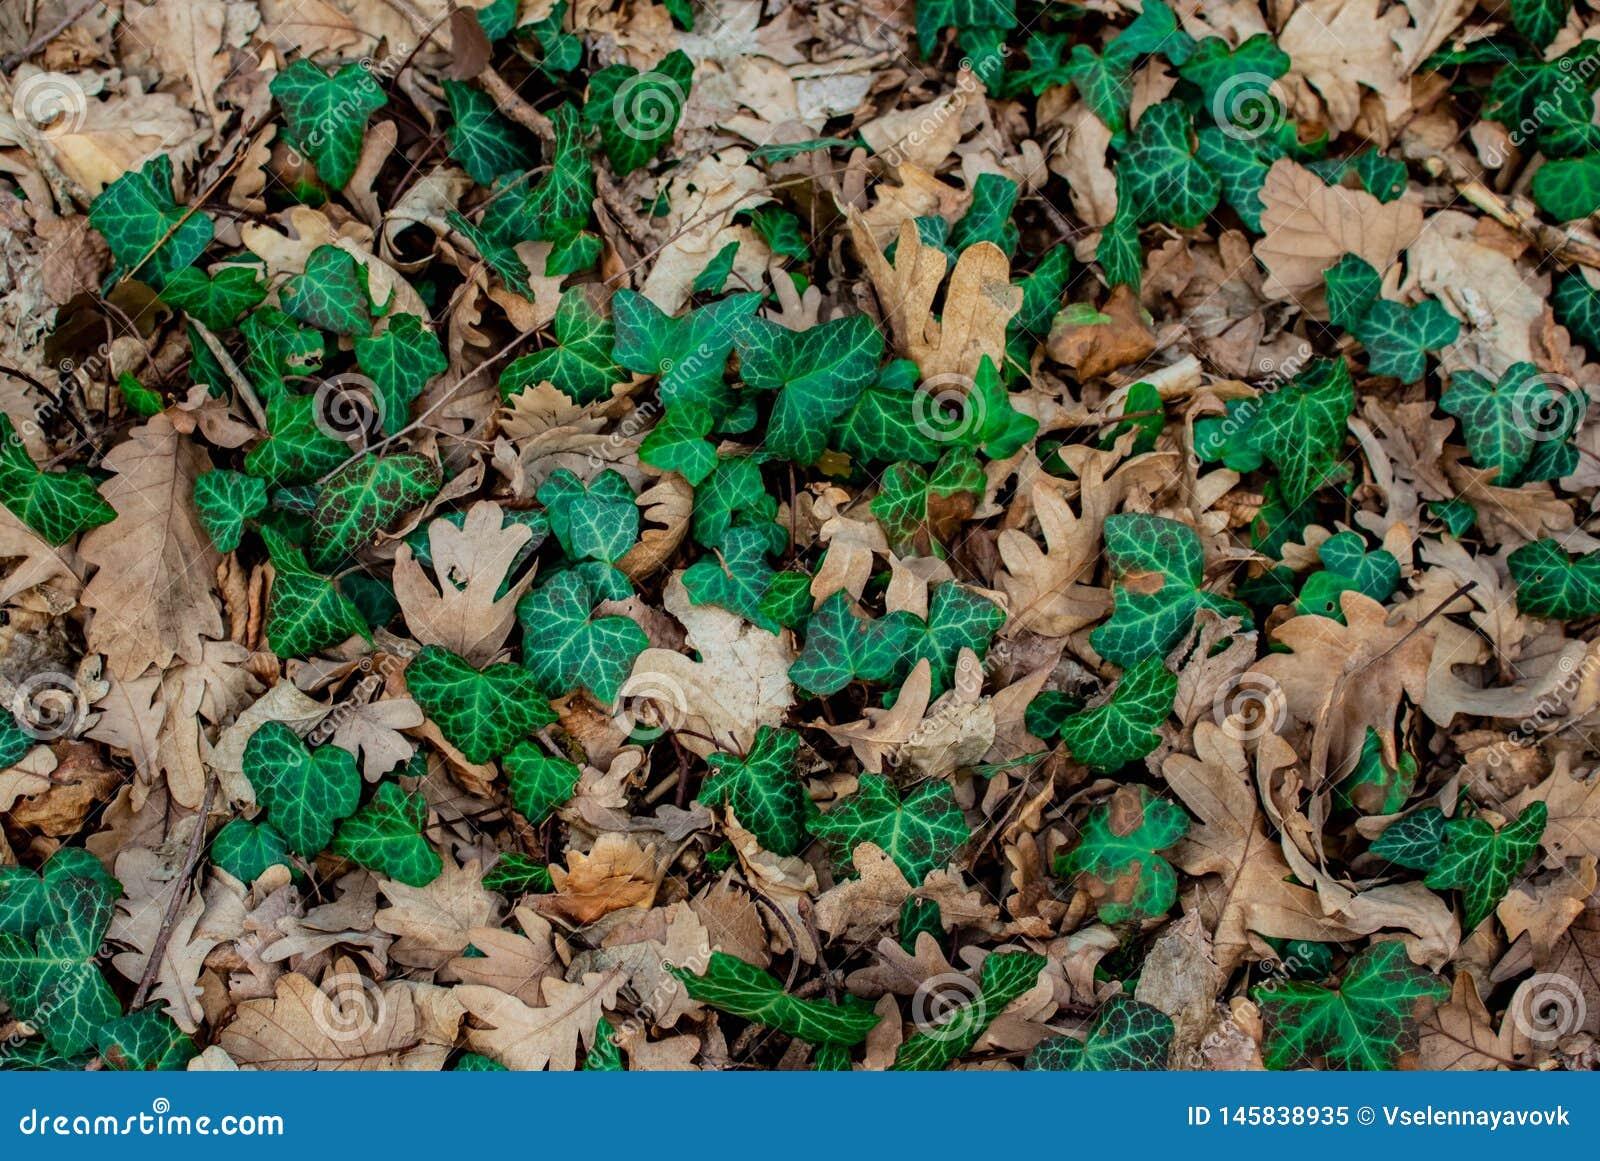 在干燥橡木叶子的绿色叶子藤本植物